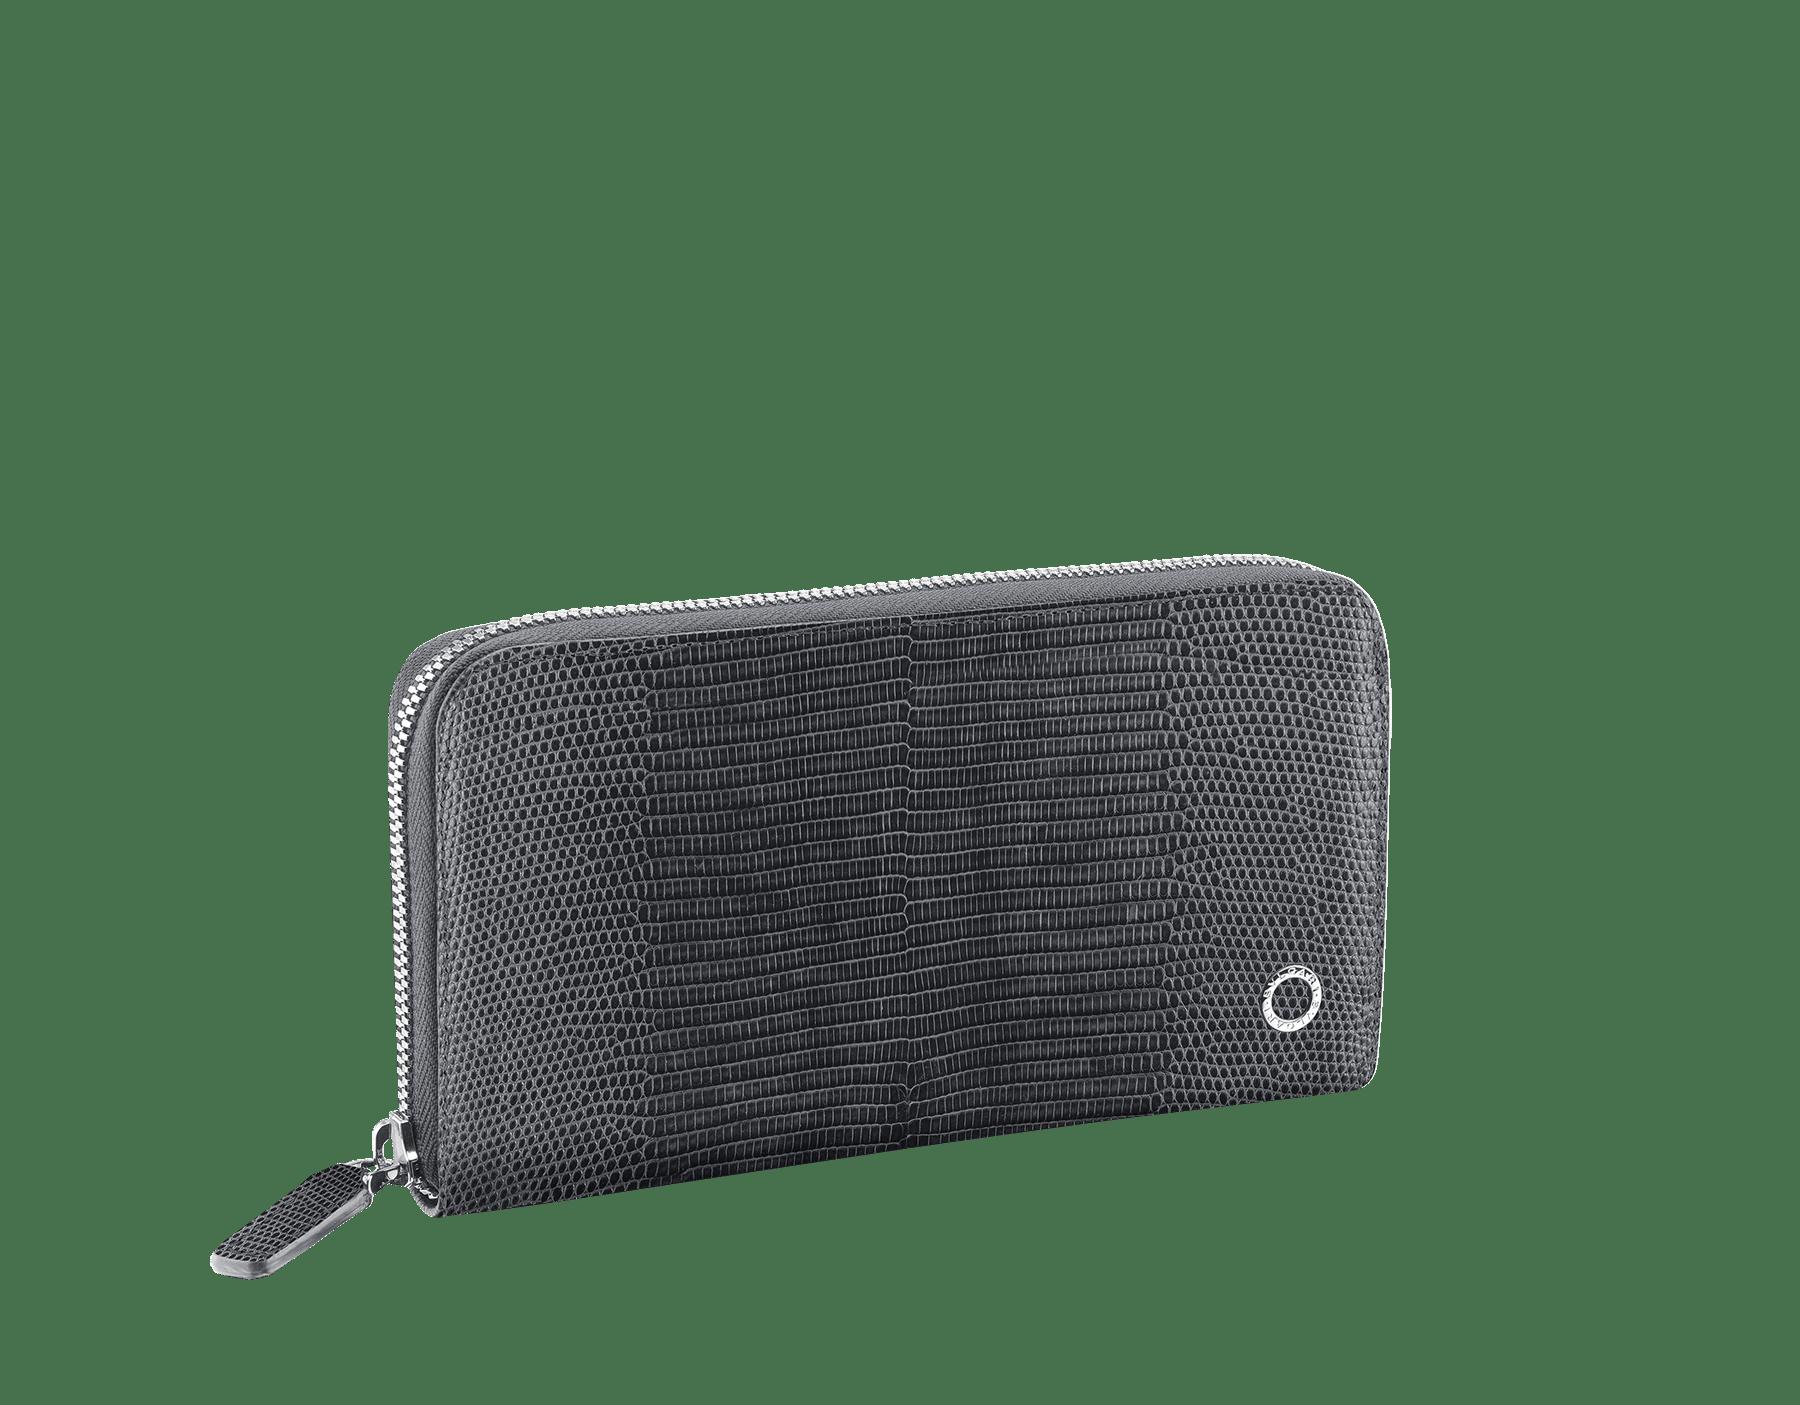 Großes BVLGARI BVLGARI Portemonnaie mit Reißverschluss aus glänzendem Eidechsenleder in Charcoal Diamond Grau und schwarzem Kalbsleder. Ikonischer Logodekor aus palladiumbeschichtetem Messing. BBM-WLT-M-ZIP-SL image 1